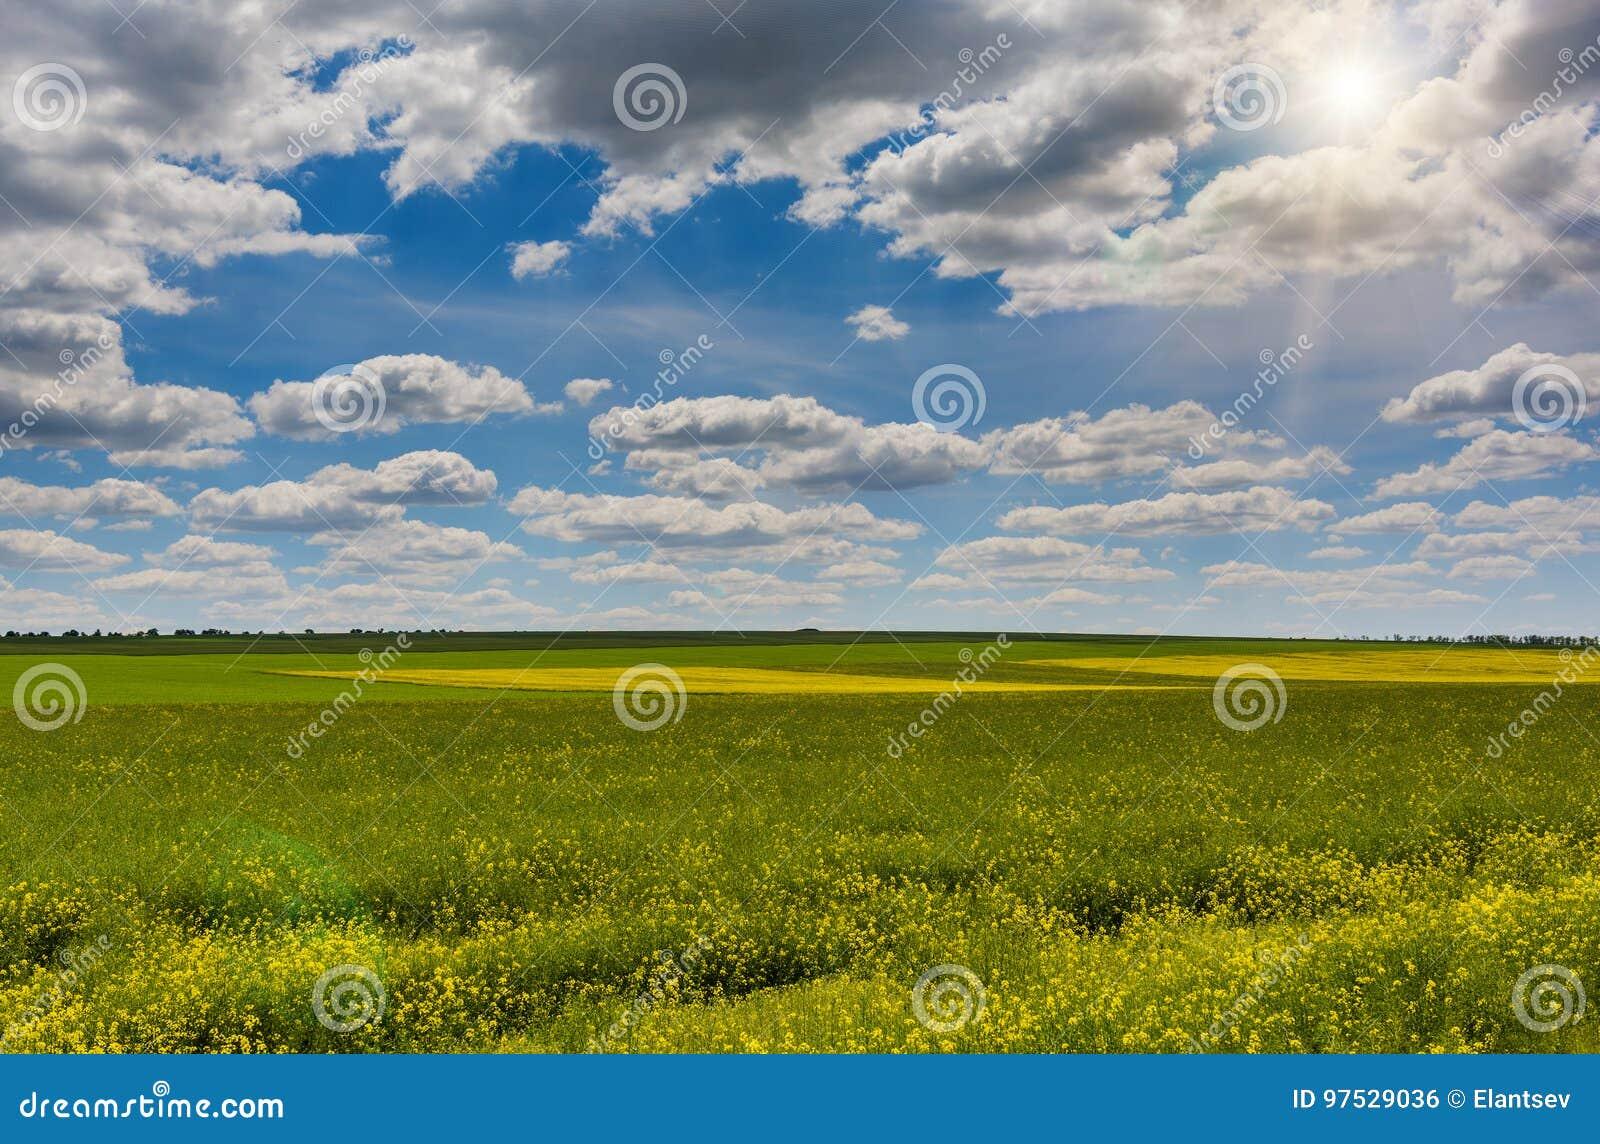 Gebied van helder geel raapzaad in de lente De verkrachting van het raapzaad oliehoudende zaad